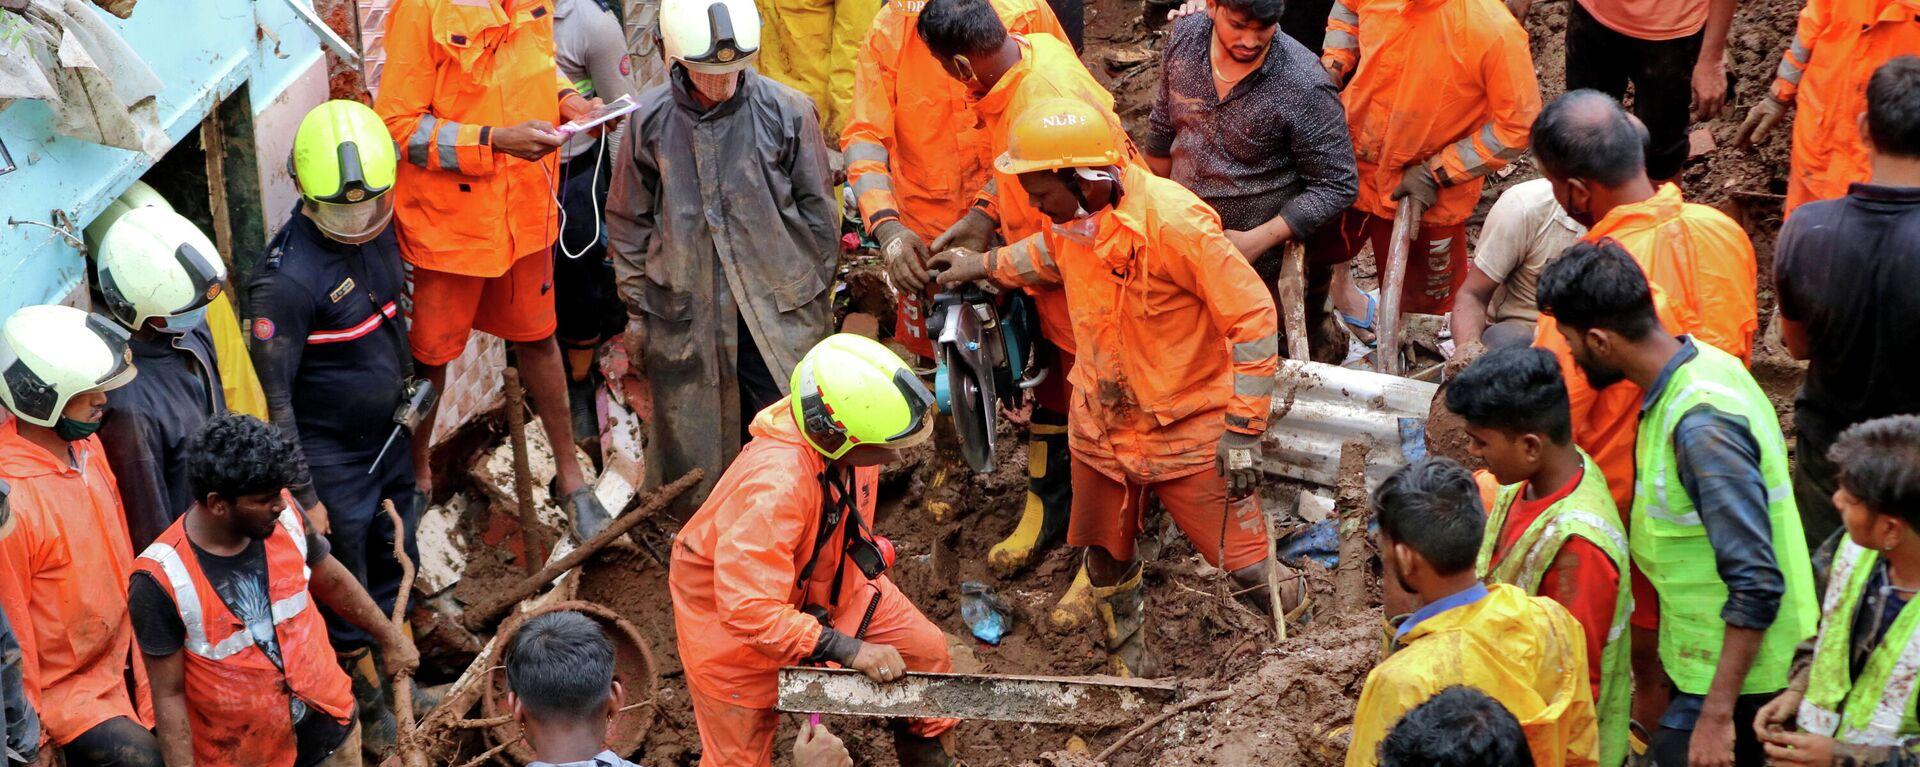 Los trabajadores de rescate retiran escombros mientras buscan sobrevivientes después de que una casa colapsara debido al deslizamiento de tierra causado por fuertes lluvias en Bombay, la India, el 18 de julio - Sputnik Mundo, 1920, 18.07.2021